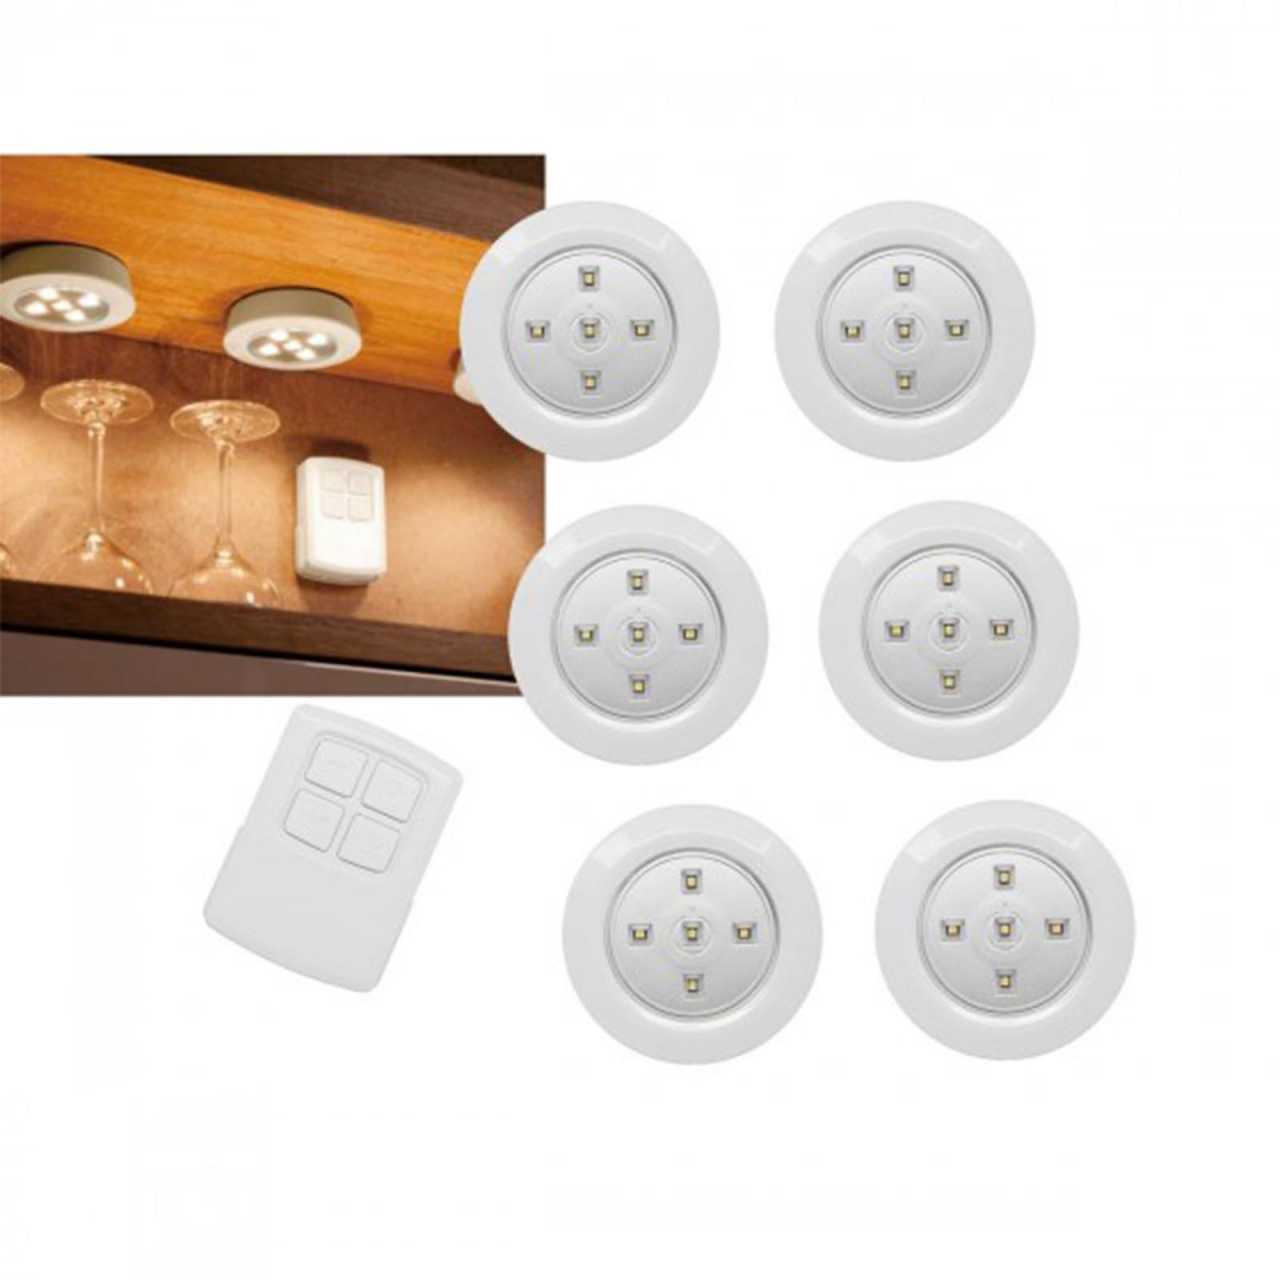 6er Set LED Unterbauleuchten mit Fernbedienung Schrankleuchten